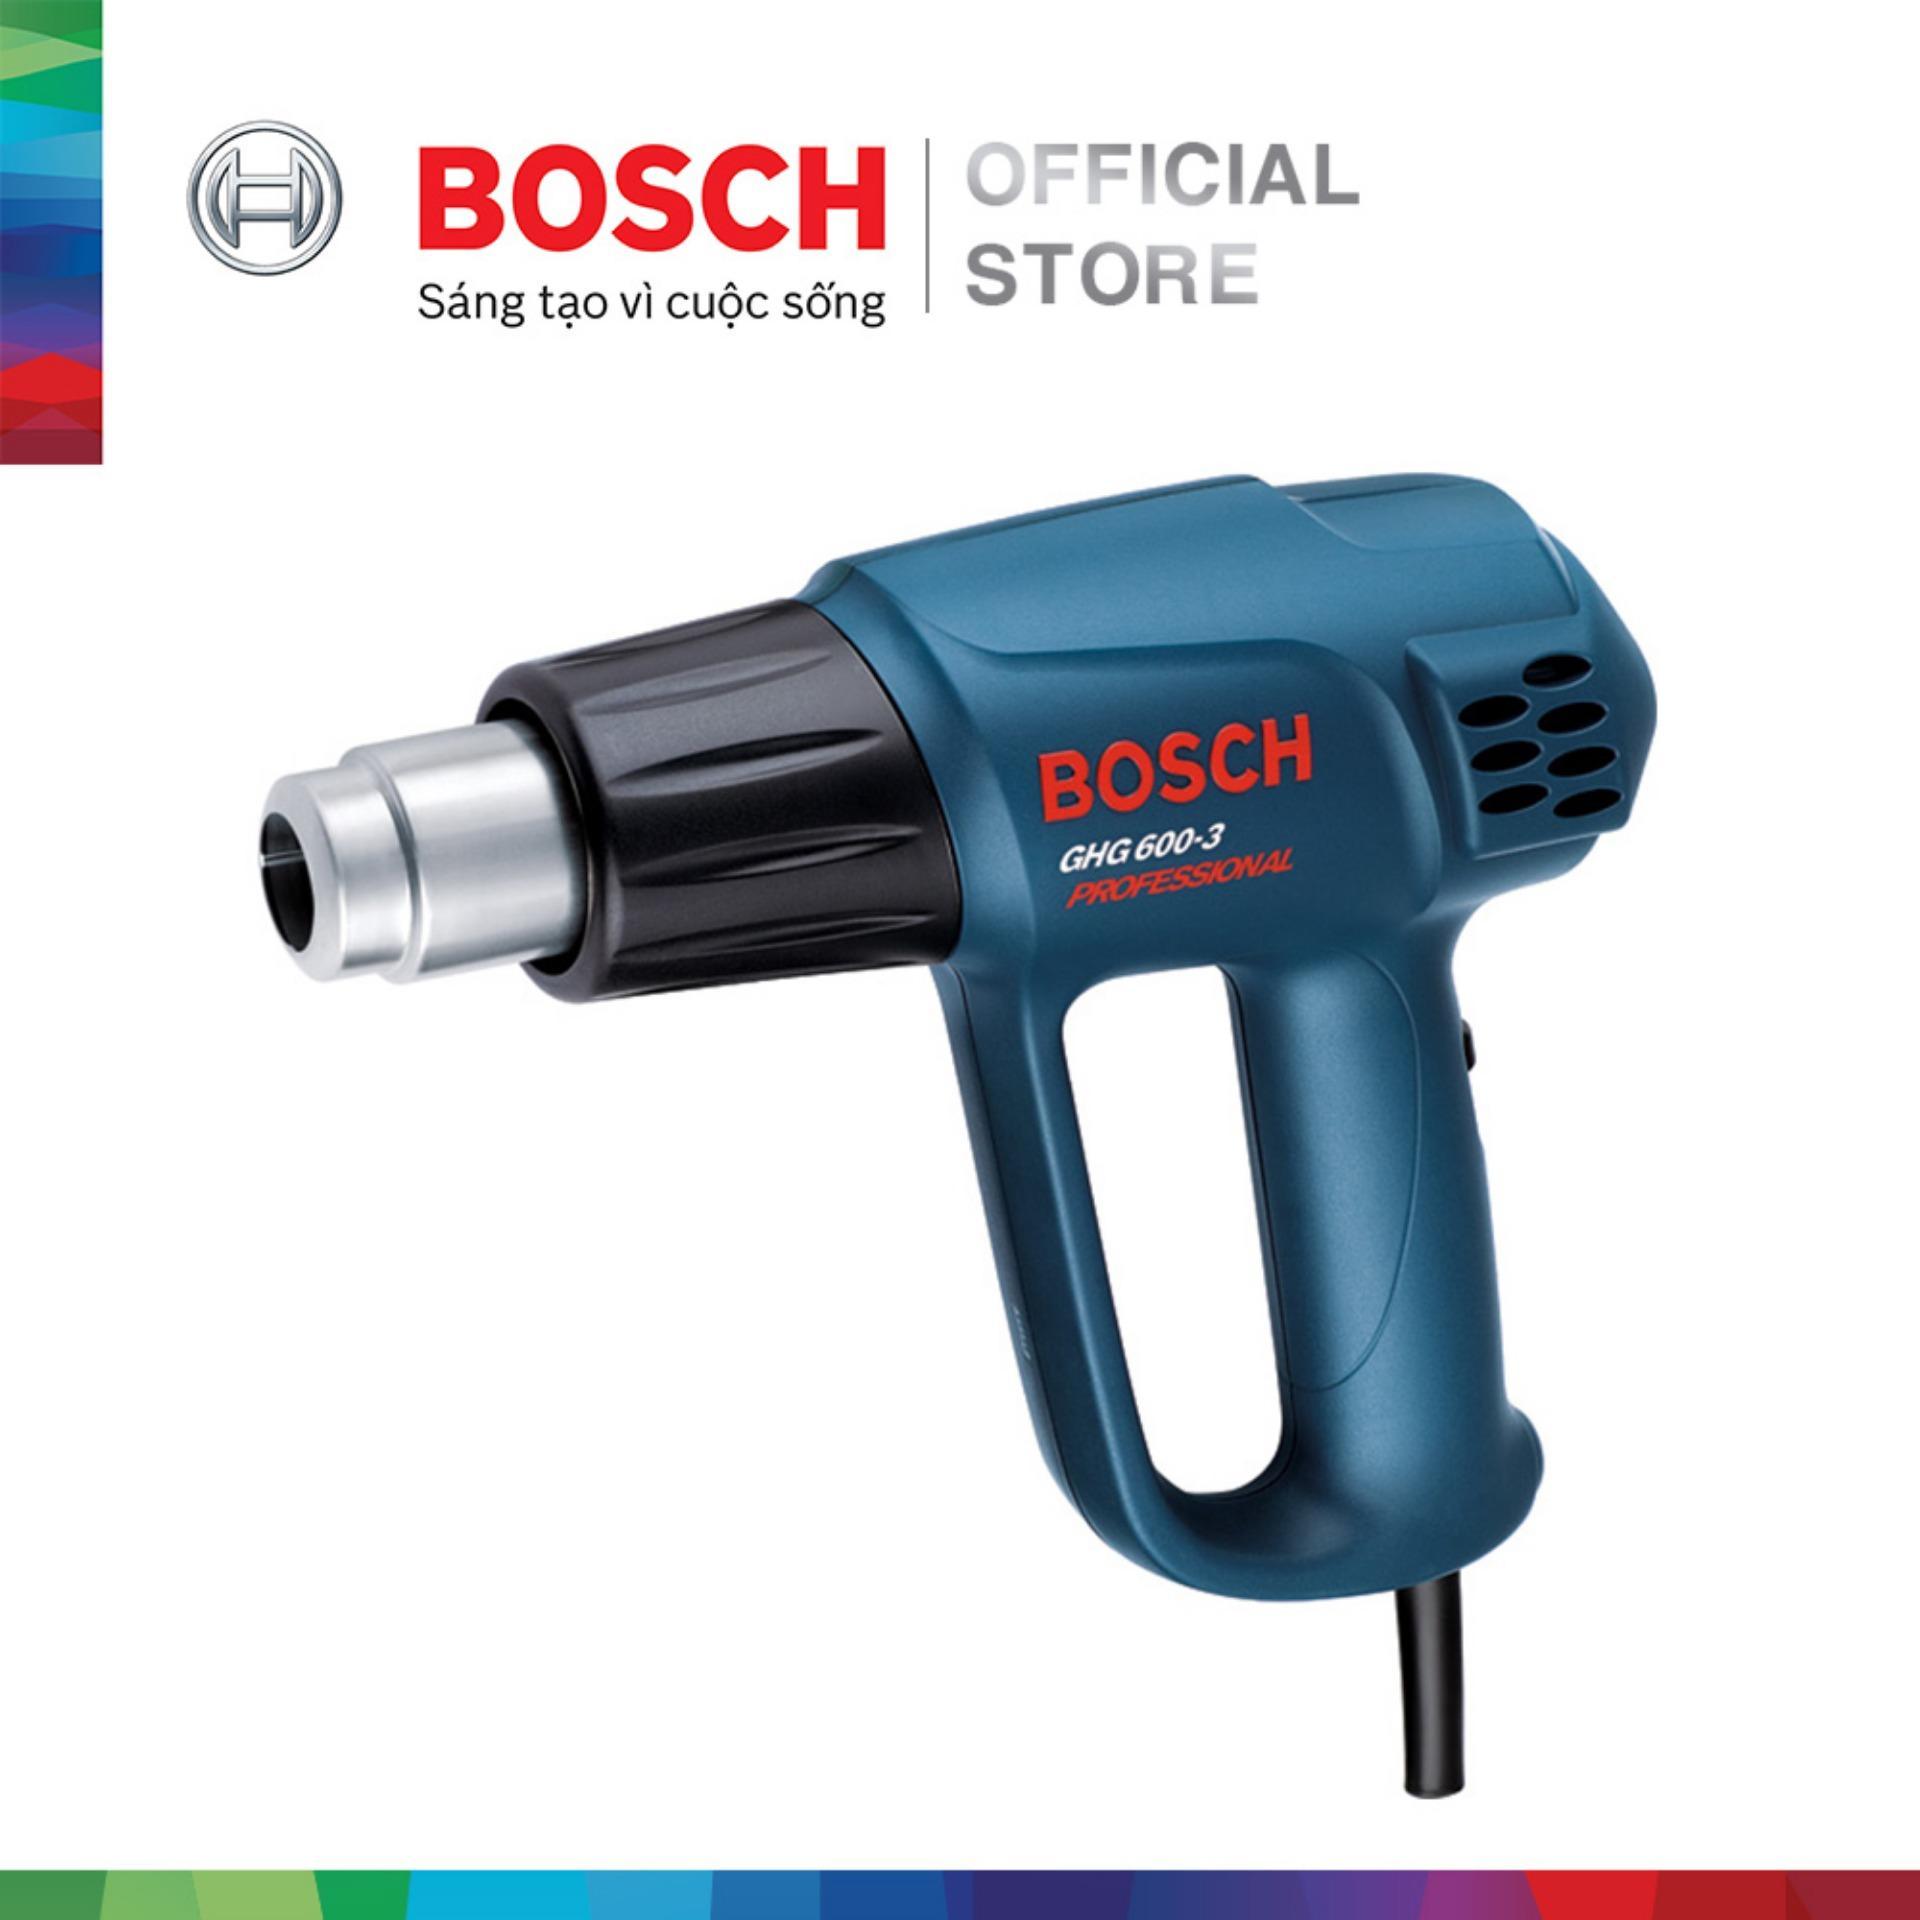 [Nhập BOSCH5 giảm 5%] Máy thổi hơi nóng Bosch GHG 600-3